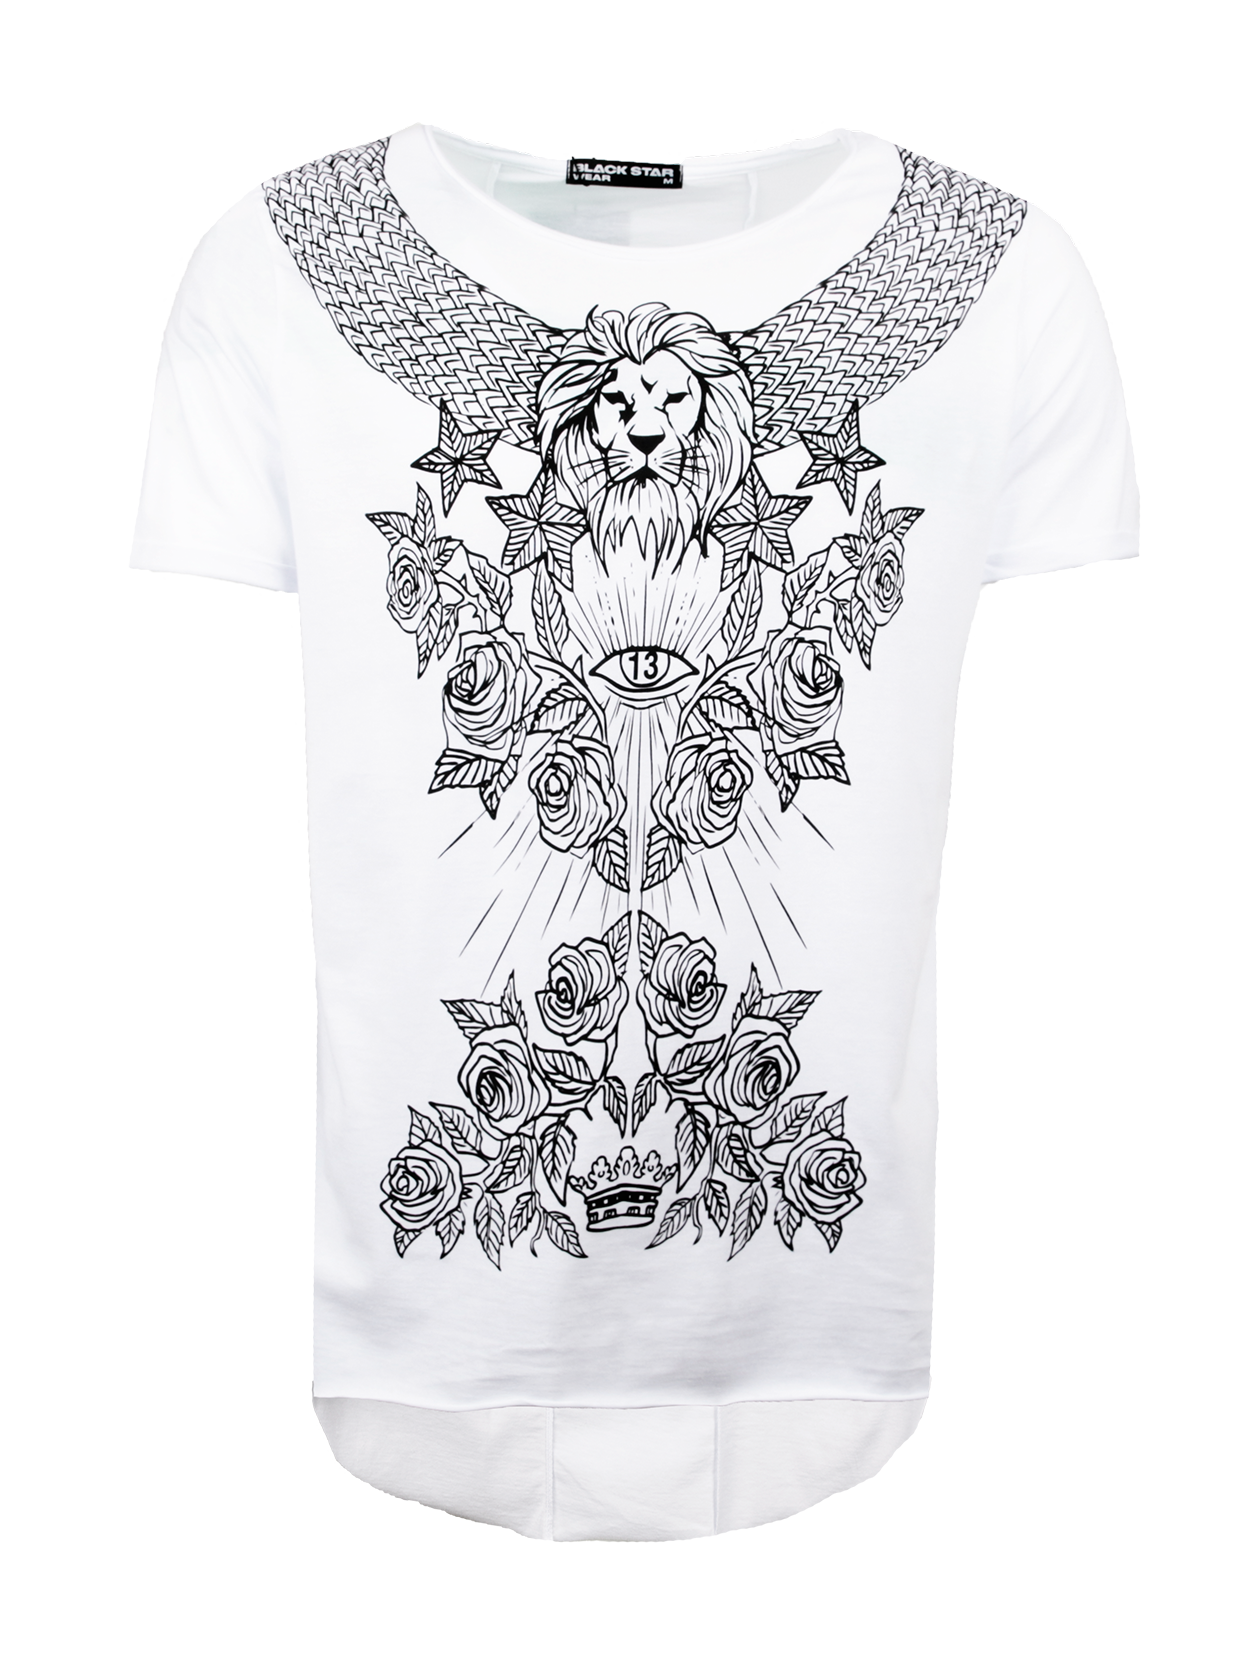 Футболка мужская PATTERN BLACK STARЧерная футболка мужская Pattern Black Star превратит обычный образ на каждый день в стильный лук. Удлиненная модель прямого свободного кроя с коротким рукавом. Горловина с вырезом средней глубины, внутри по спинке оформлен жаккардовый логотип бренда Black Star Wear. Передняя часть декорирована эффектным принтом с цветочным узором, орнаментом, головой льва, звездами и короной. Футболка изготовлена из высококачественного хлопка с дышащей структурой, подходит для активной и повседневной носки.<br><br>Размер: L<br>Цвет: Белый<br>Пол: Мужской